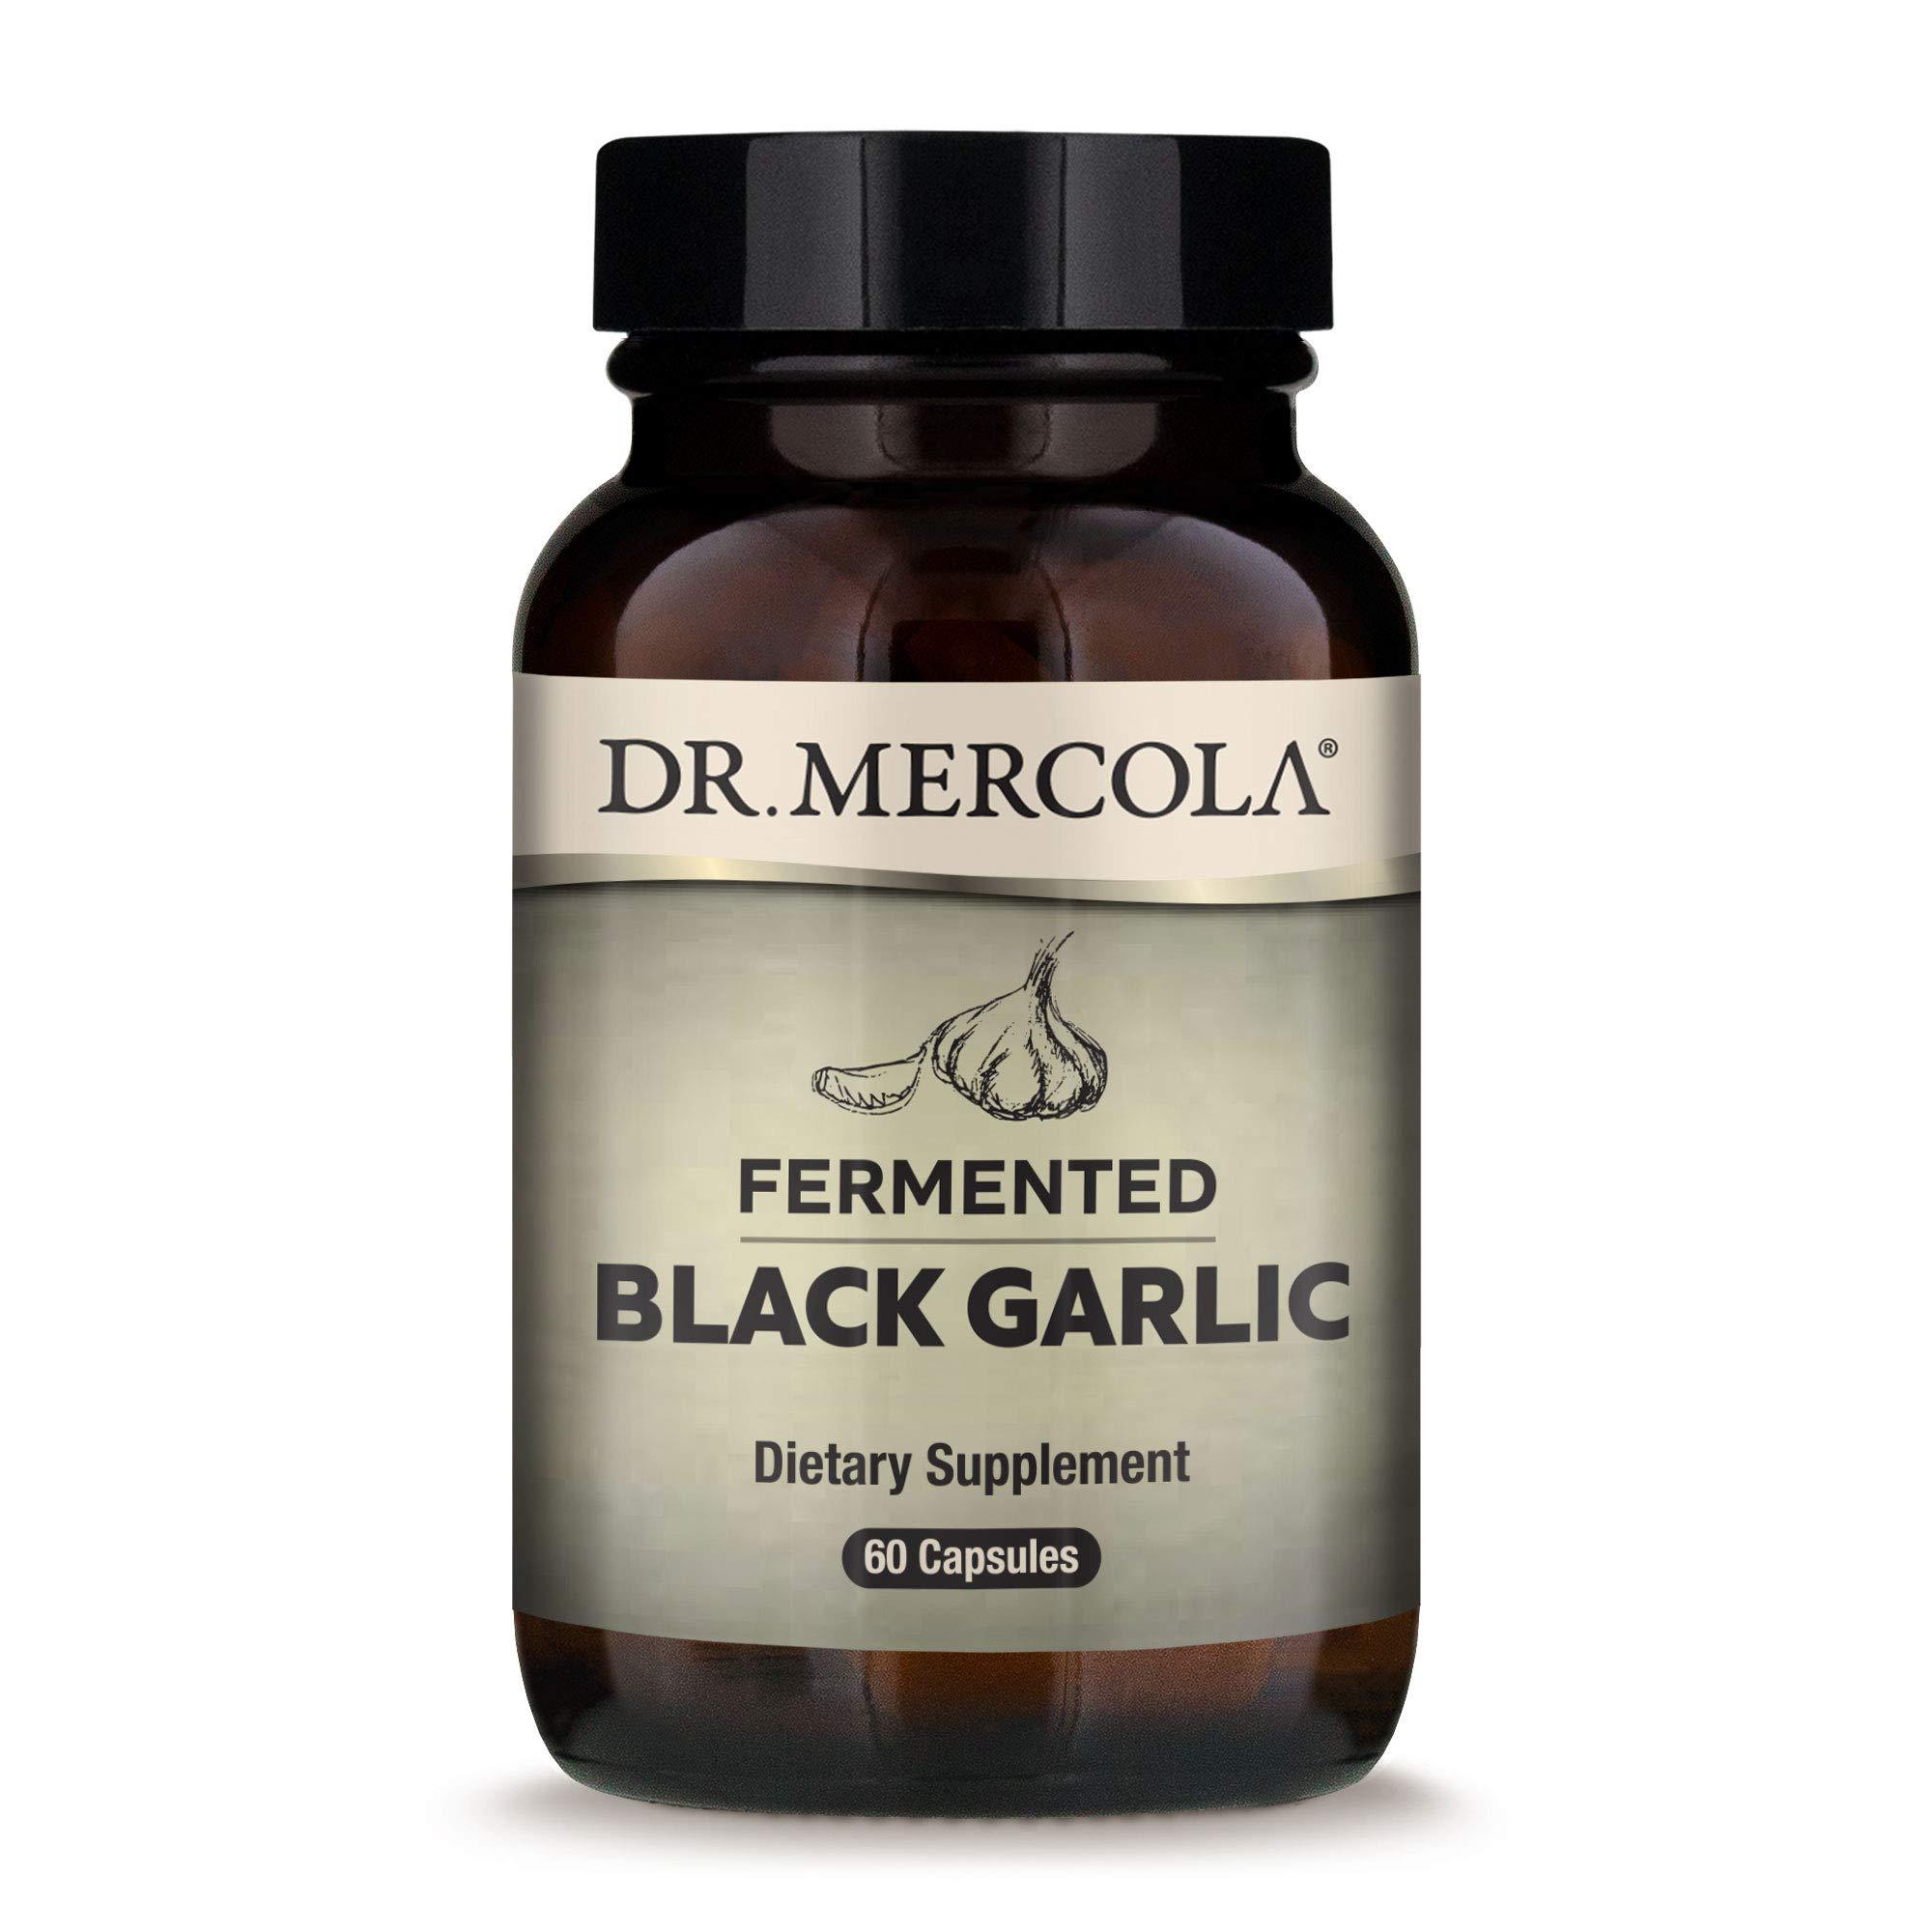 Dr. Mercola - Black Garlic, 30 Servings - (60 Capsules)